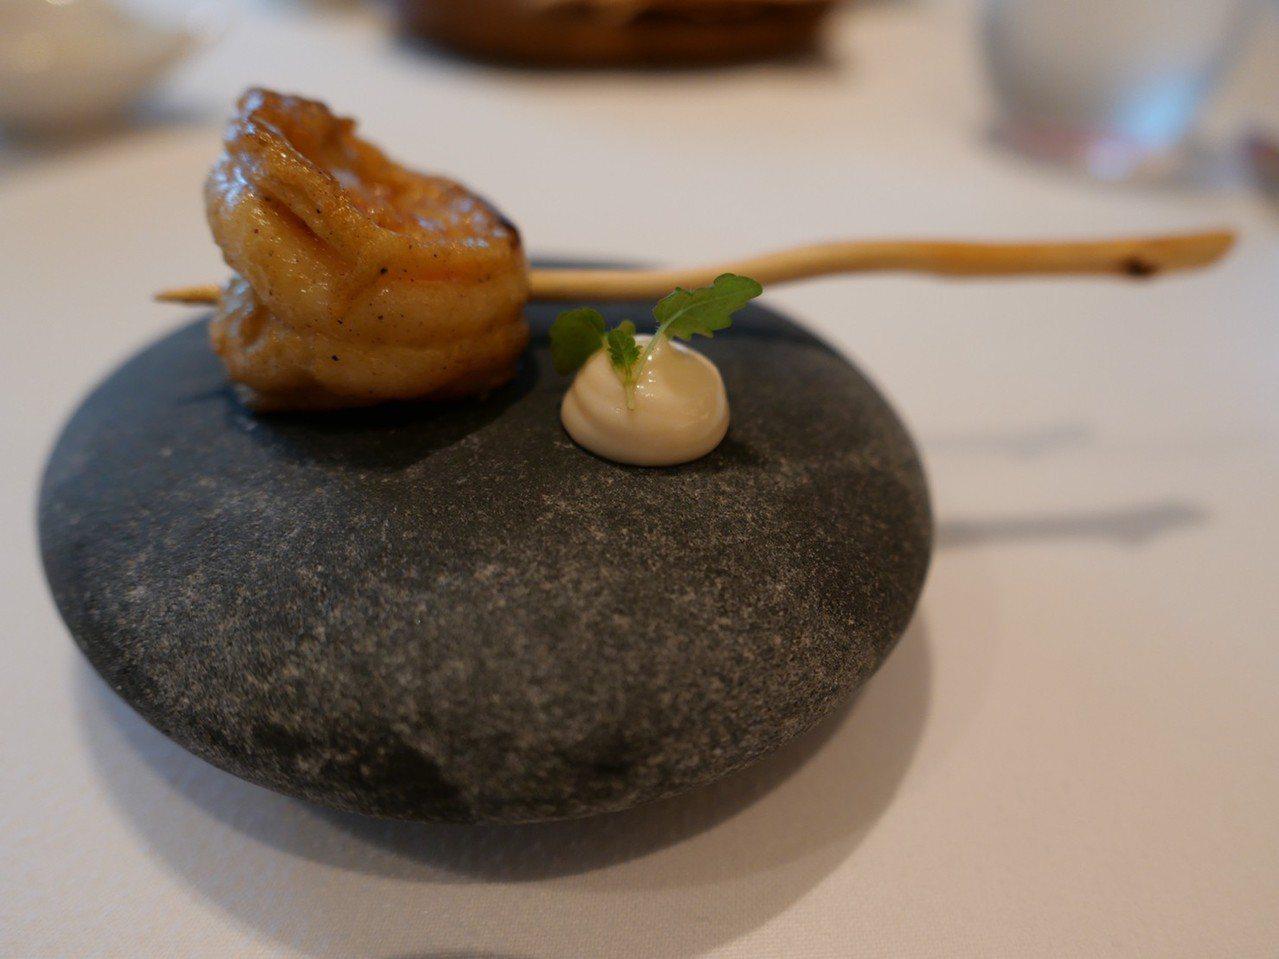 澎湖野生明蝦,西餐形台灣味。 圖/蕭涵攝影